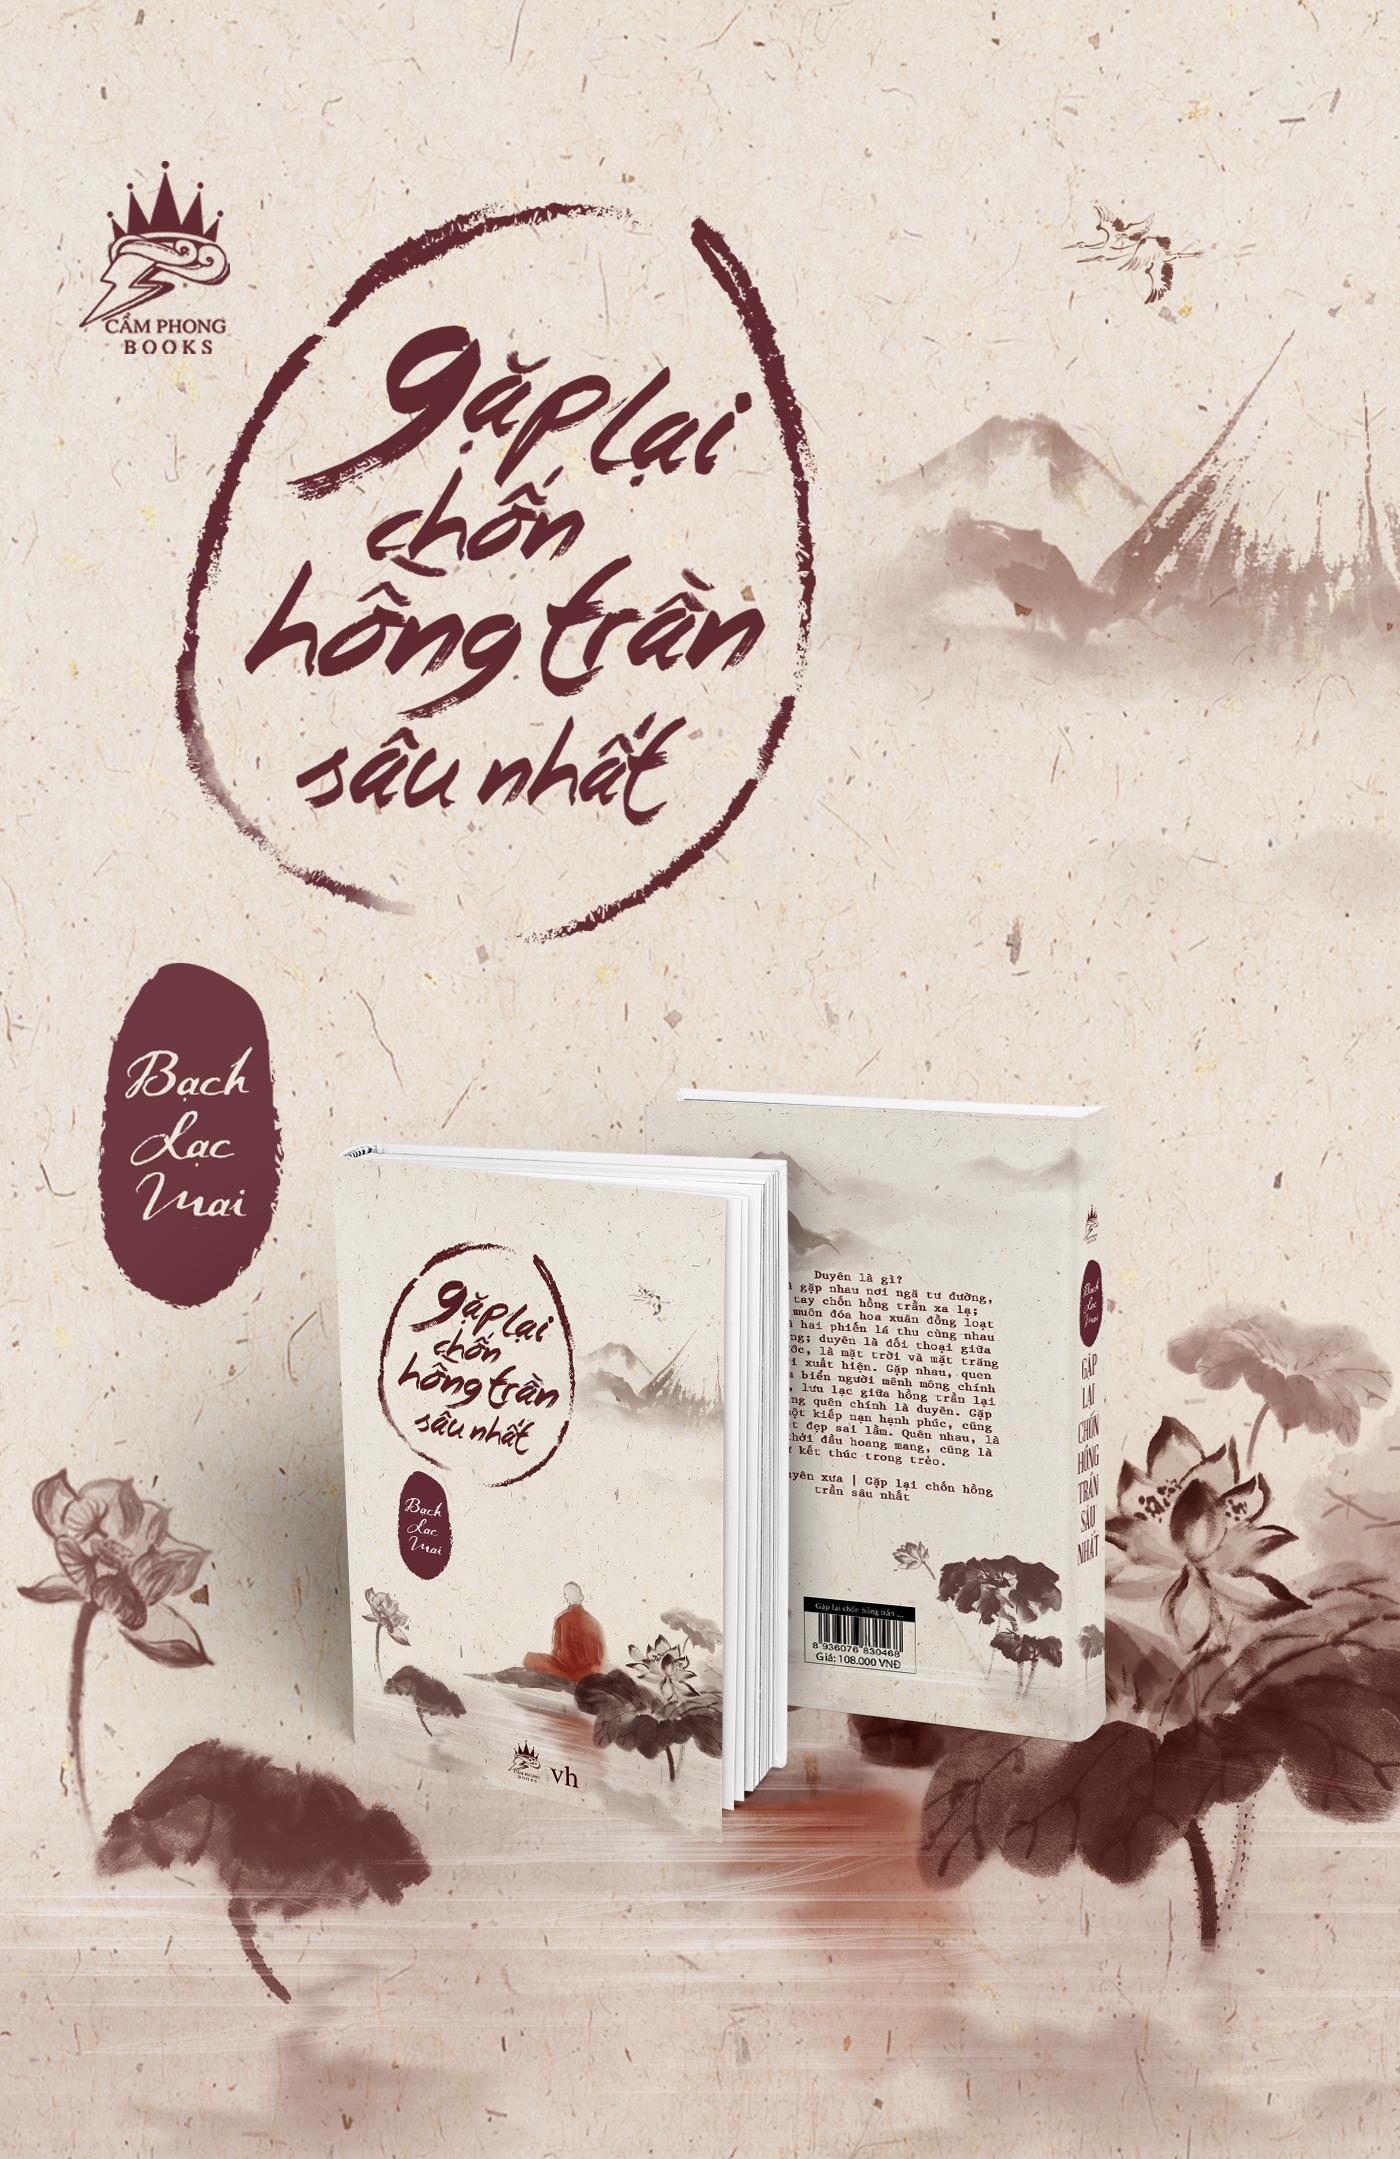 Gặp Lại Chốn Hồng Trần Sâu Nhất - Tặng Kèm Phụ Bản Thơ Thương Ương Gia Thố - 8936076830468,62_109197,108000,tiki.vn,Gap-Lai-Chon-Hong-Tran-Sau-Nhat-Tang-Kem-Phu-Ban-Tho-Thuong-Uong-Gia-Tho-62_109197,Gặp Lại Chốn Hồng Trần Sâu Nhất - Tặng Kèm Phụ Bản Thơ Thương Ương Gia Thố